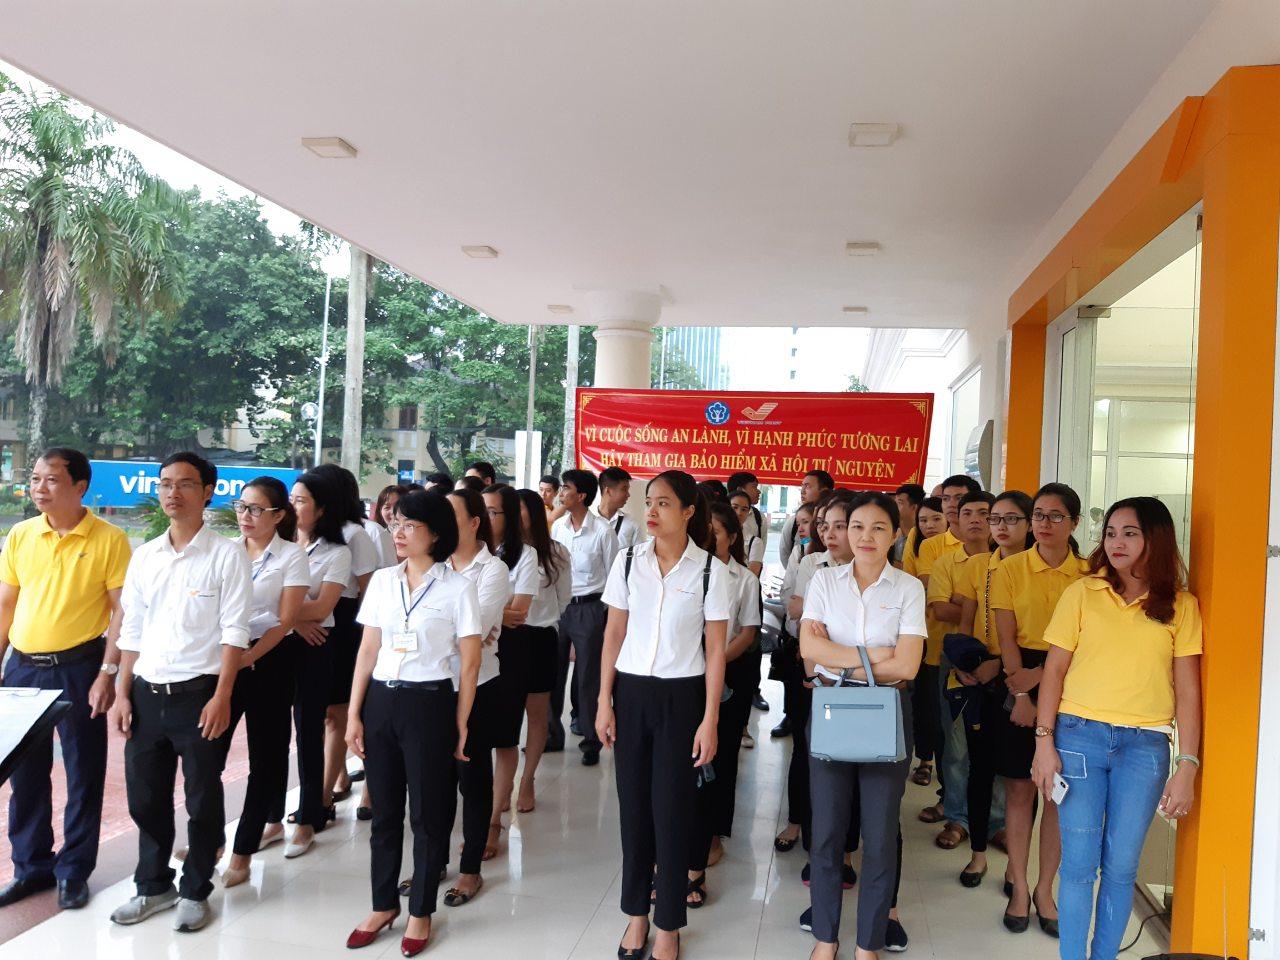 Lực lượng hùng hậu ra quân tuyên truyền và phát triển người tham gia BHXH tự nguyện của Bưu điện thành phố Huế